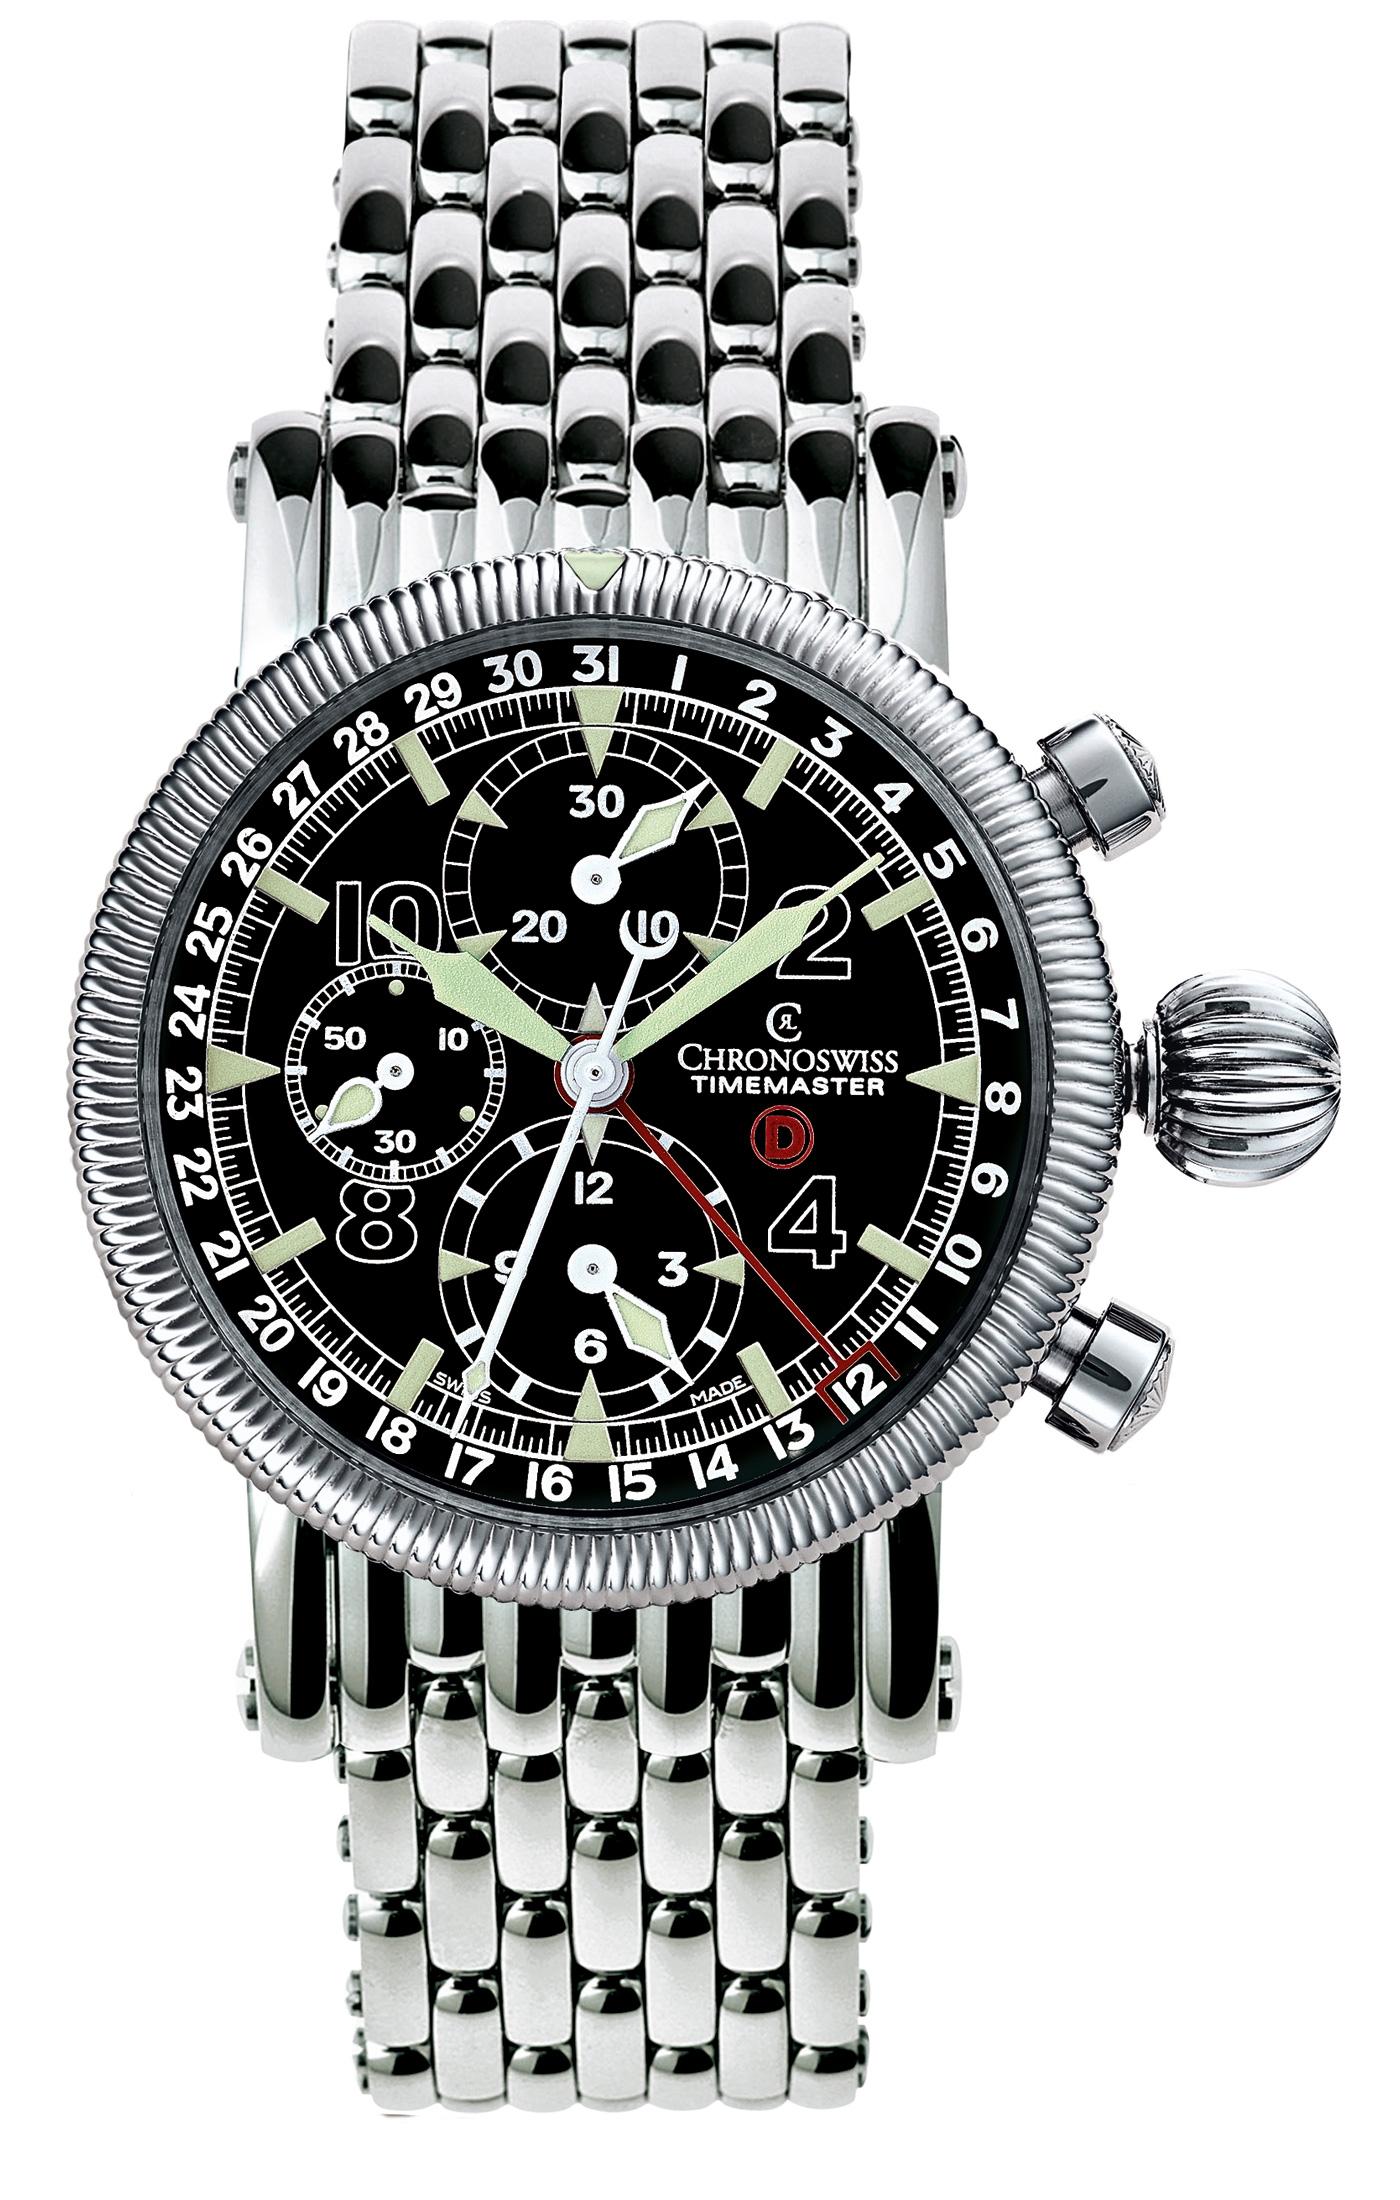 часы Chronoswiss Timemaster Chronograph Date